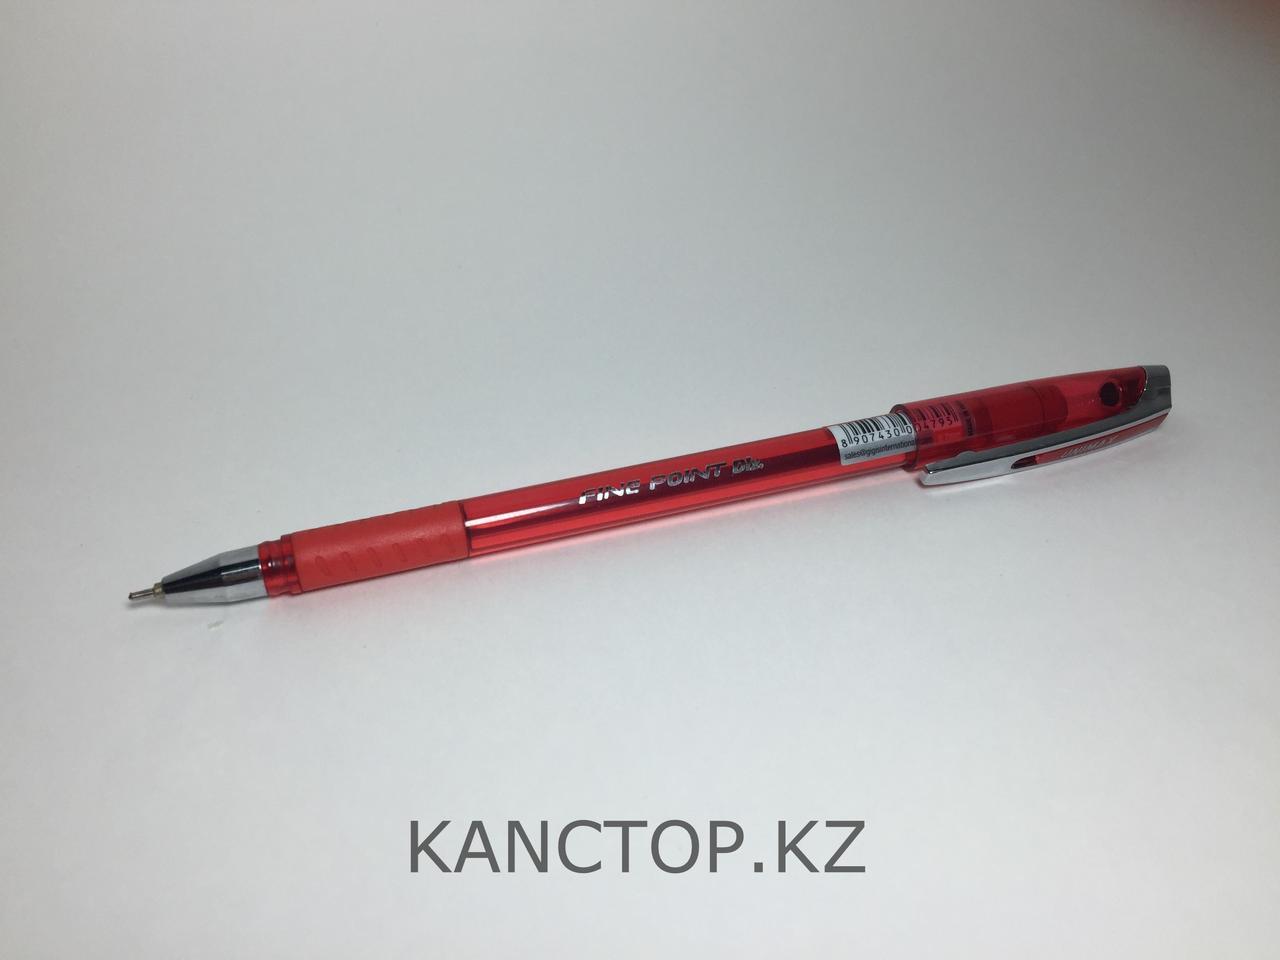 Ручка шариковая UNI-MAX FINEPOINT DLX Красная